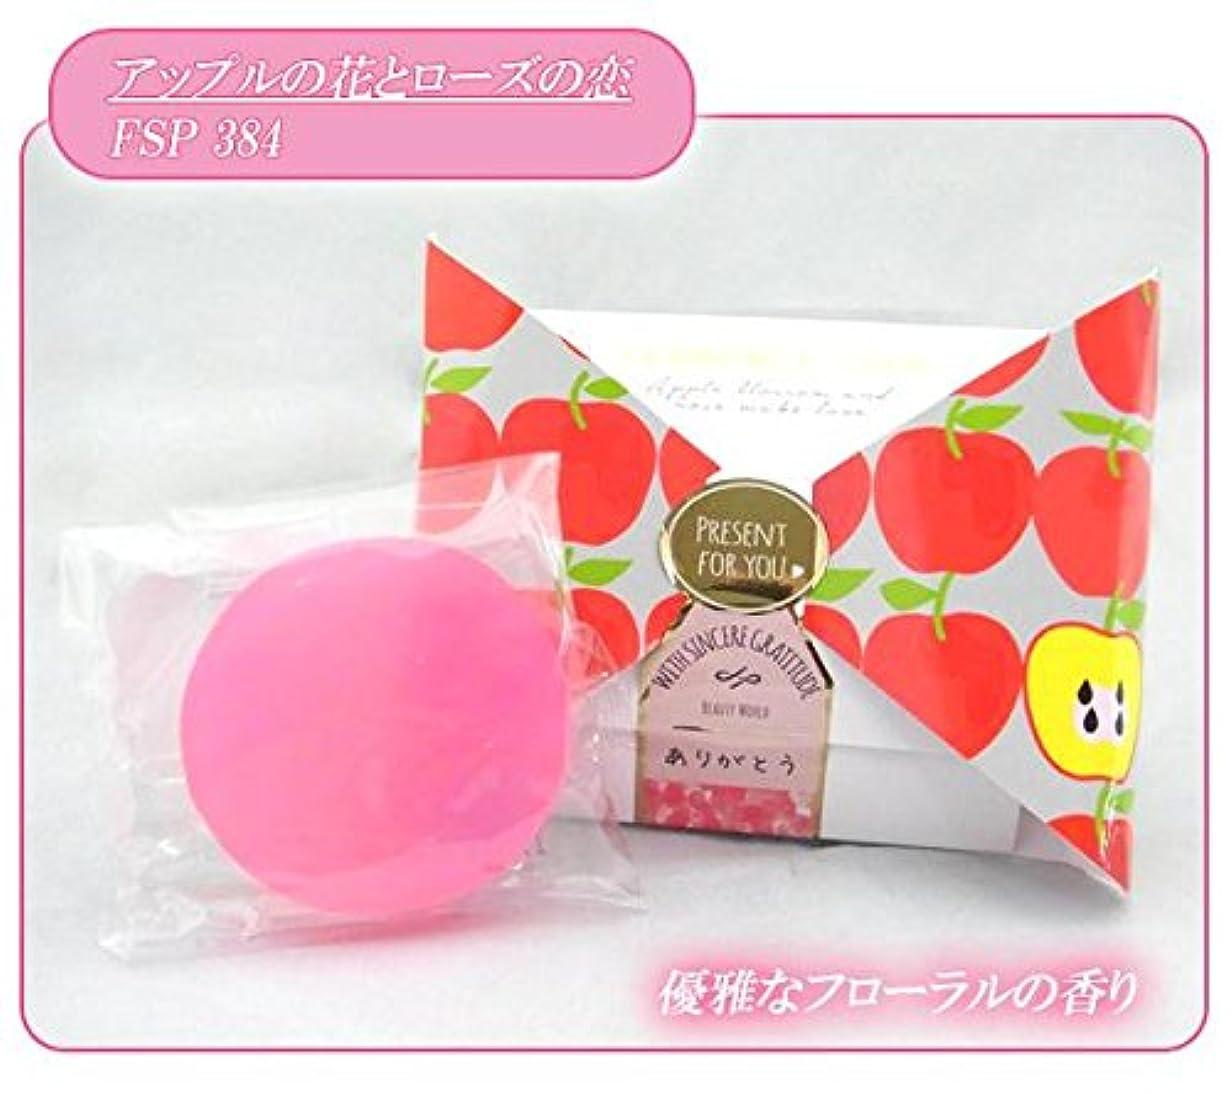 ビデオ心理的に雇用者ビューティーワールド BWフローレンスの香り石けん リボンパッケージ 6個セット アップルの花とローズの恋